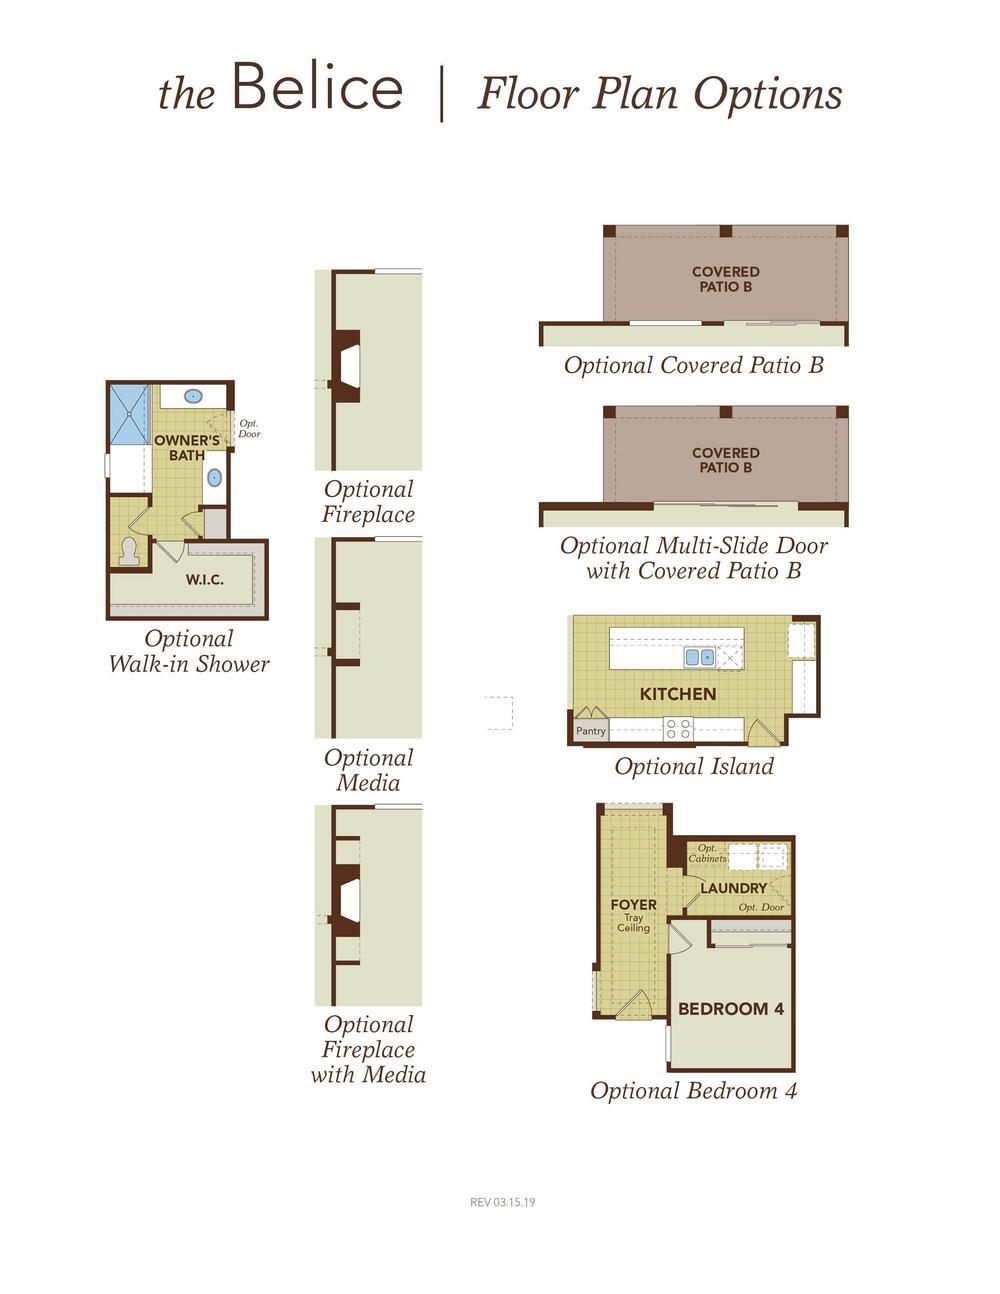 Belice Garage Right Floor Plan Options